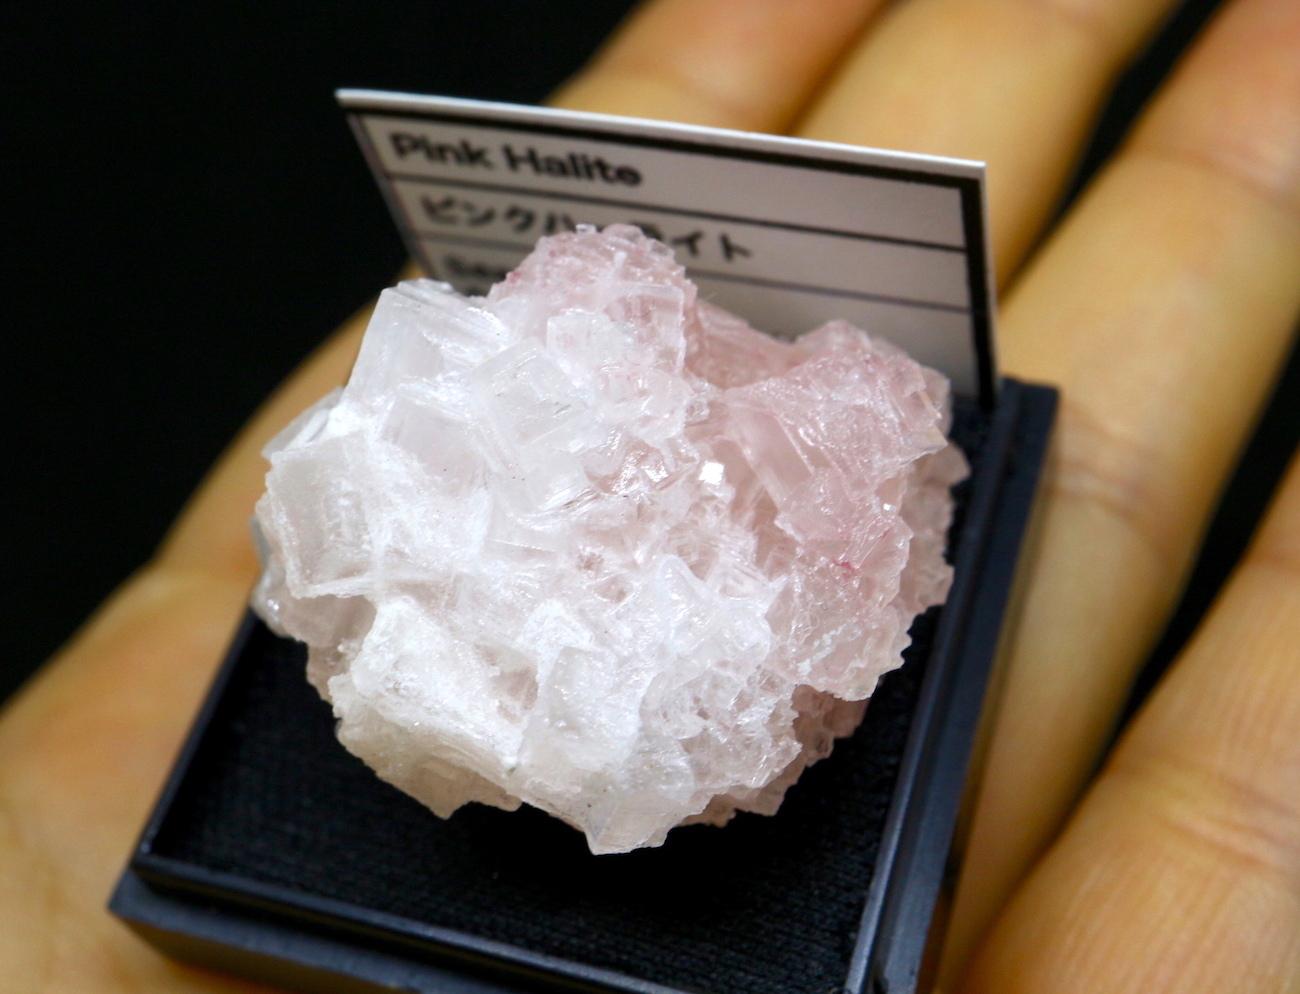 ピンクハーライト カリフォルニア産 ケース入り#2 岩塩 PH069 鉱物 天然石 浄化 パワーストーン